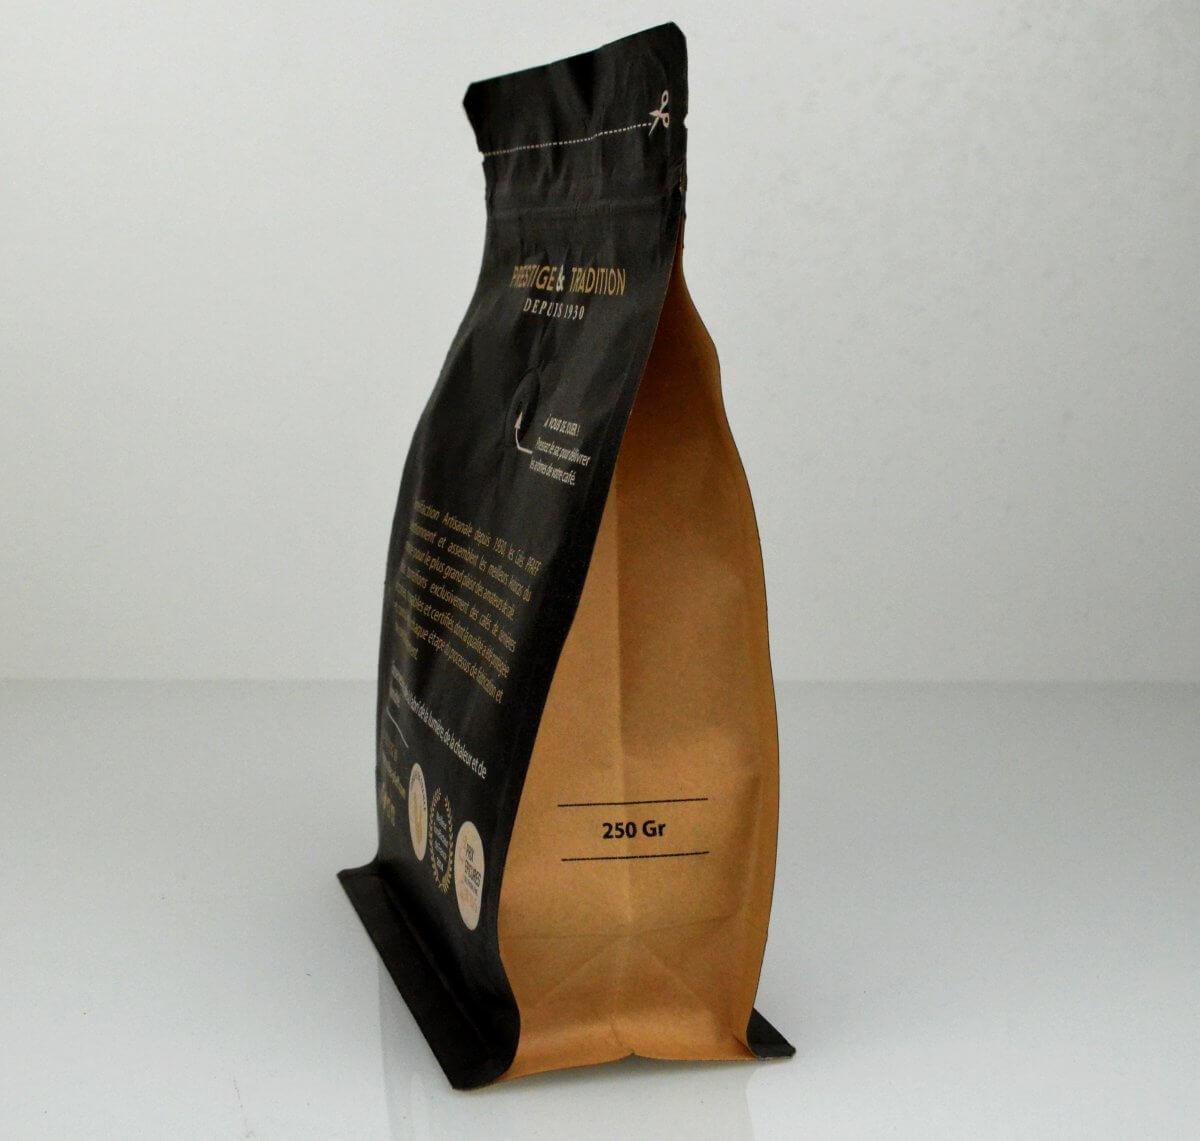 paquet 250 cote